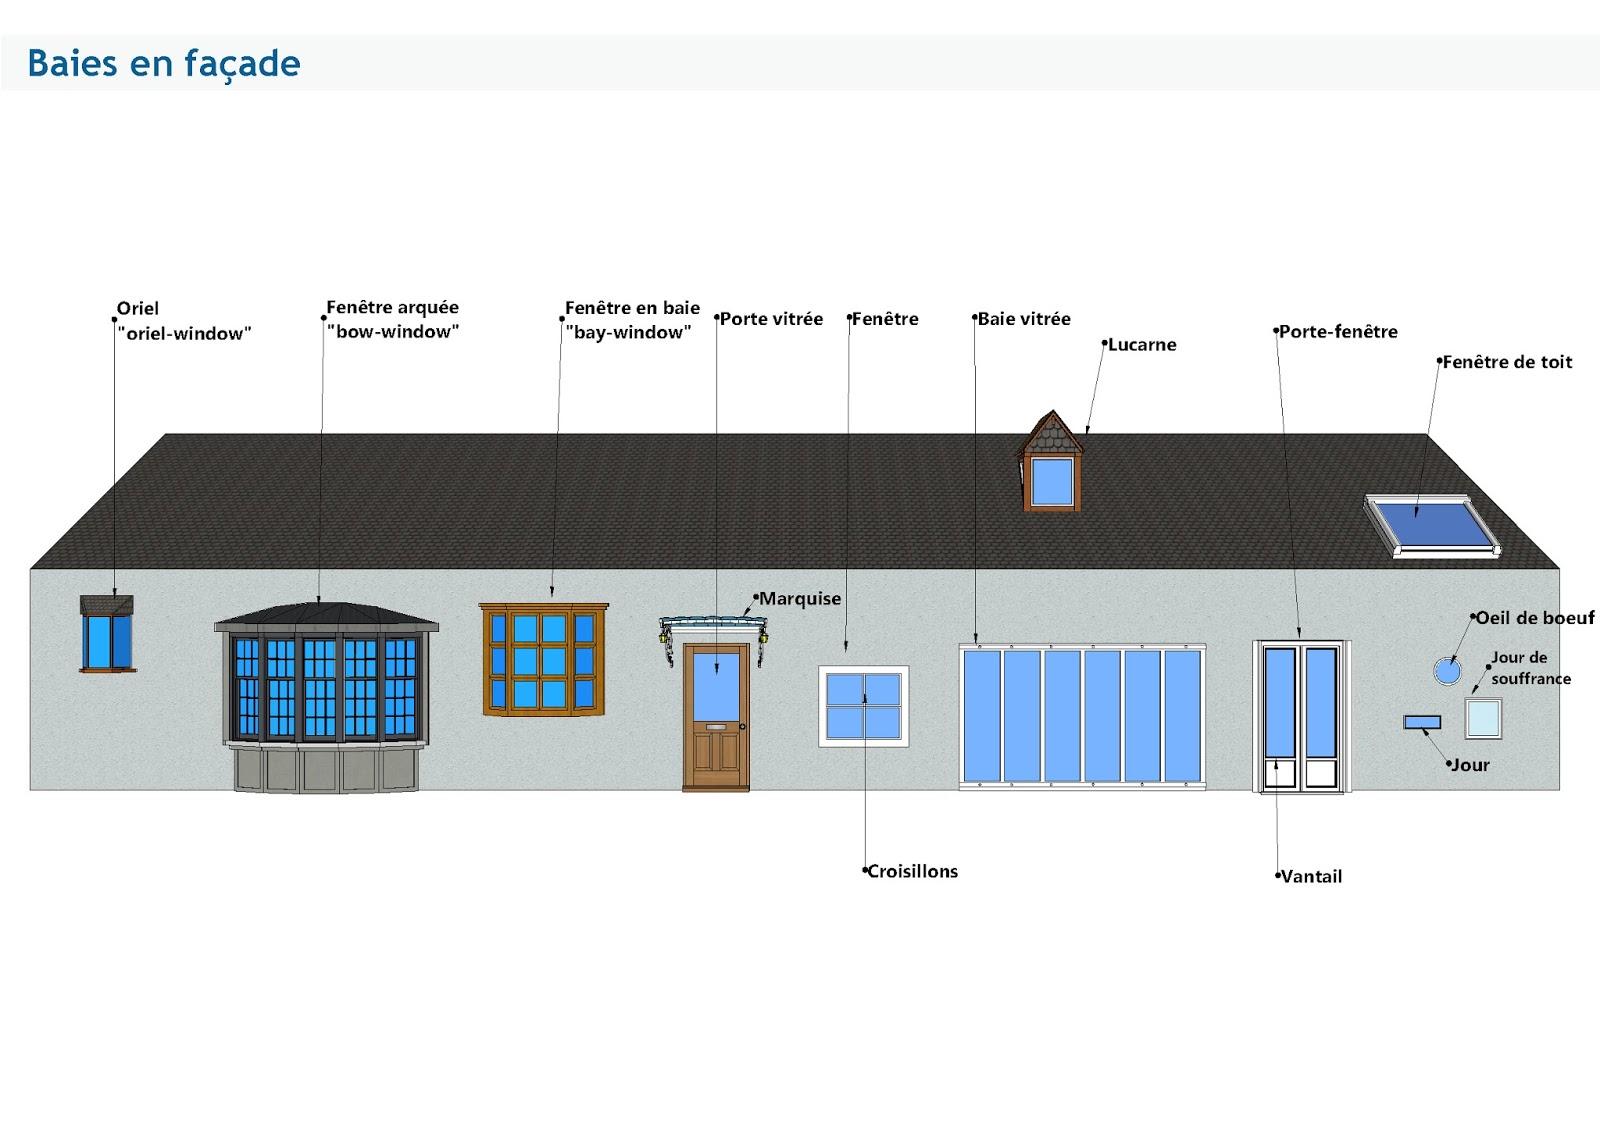 Arsa live un petit lexique des fa ades en architecture for Fenetre jour de souffrance